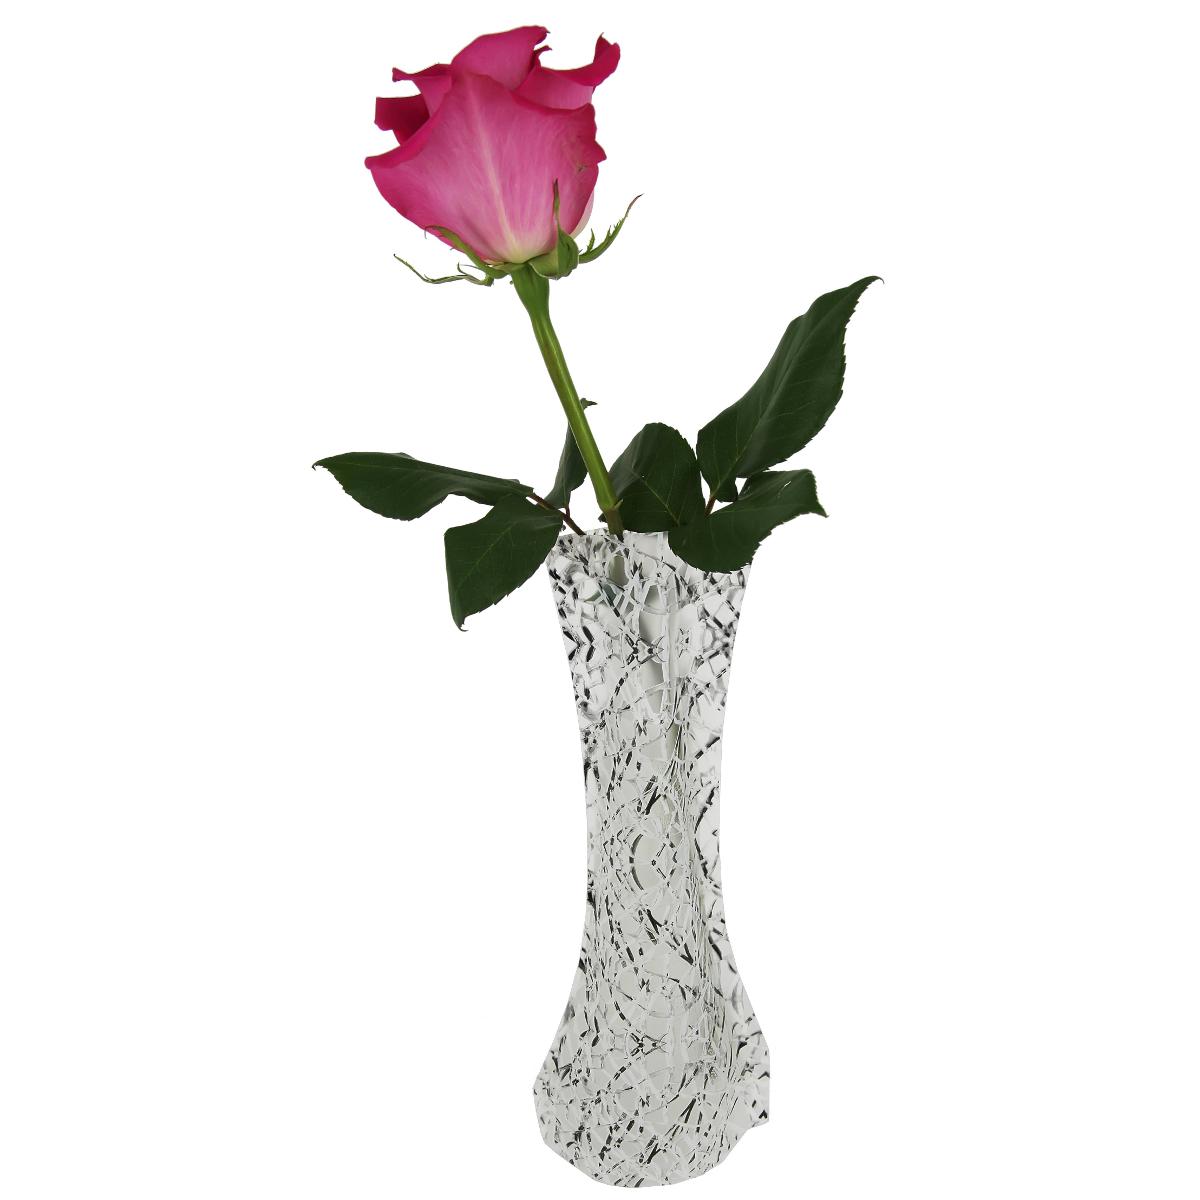 Ваза МастерПроф Зимнее гнездо, пластичная, 0,4 лHS.040039Пластичная ваза Зимнее гнездо легко складывается, удобно хранится - занимает мало места, долго служит. Всегда пригодится дома, в офисе, на даче, для оформления различных меропритятий. Отлично подойдет для перевозки цветов, или просто в подарок. Инструкция: 1. Наполните вазу теплой водой; 2. Дно и стенки расправятся; 3. Вылейте воду; 4. Наполните вазу холодной водой; 5. Вставьте цветы. Меры предосторожности: Хранить вдали от источников тепла и яркого солнечного света. С осторожностью применять для растений с длинными стеблями и с крупными соцветиями, что бы избежать опрокидывания вазы.